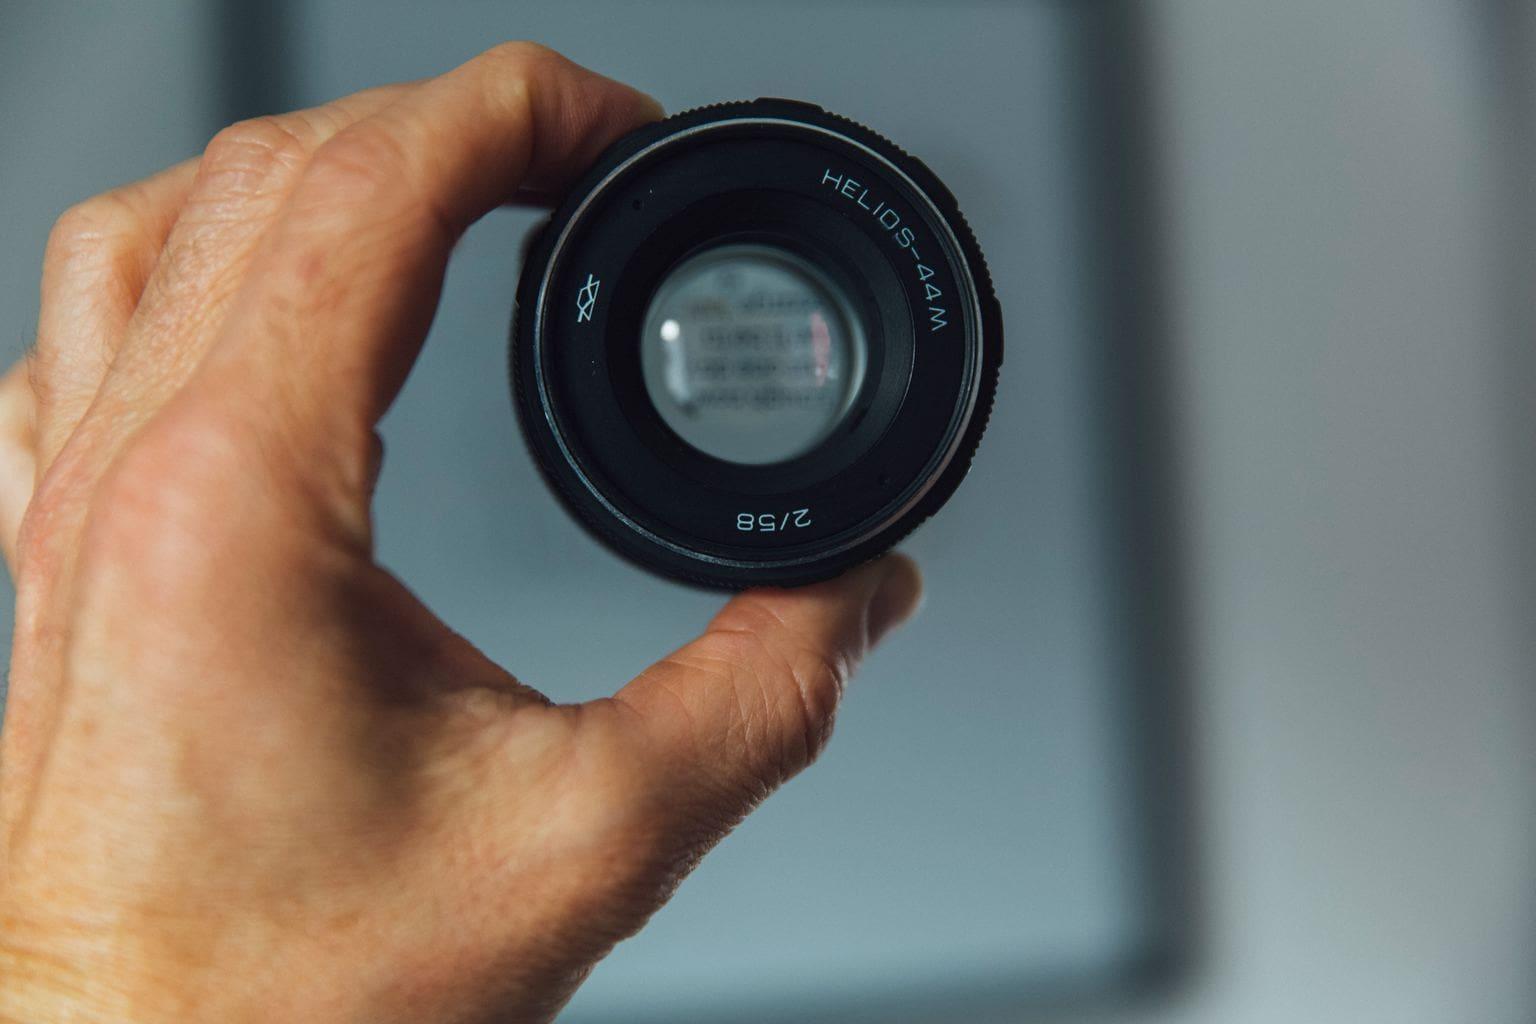 fotografía de un objetivo analógico